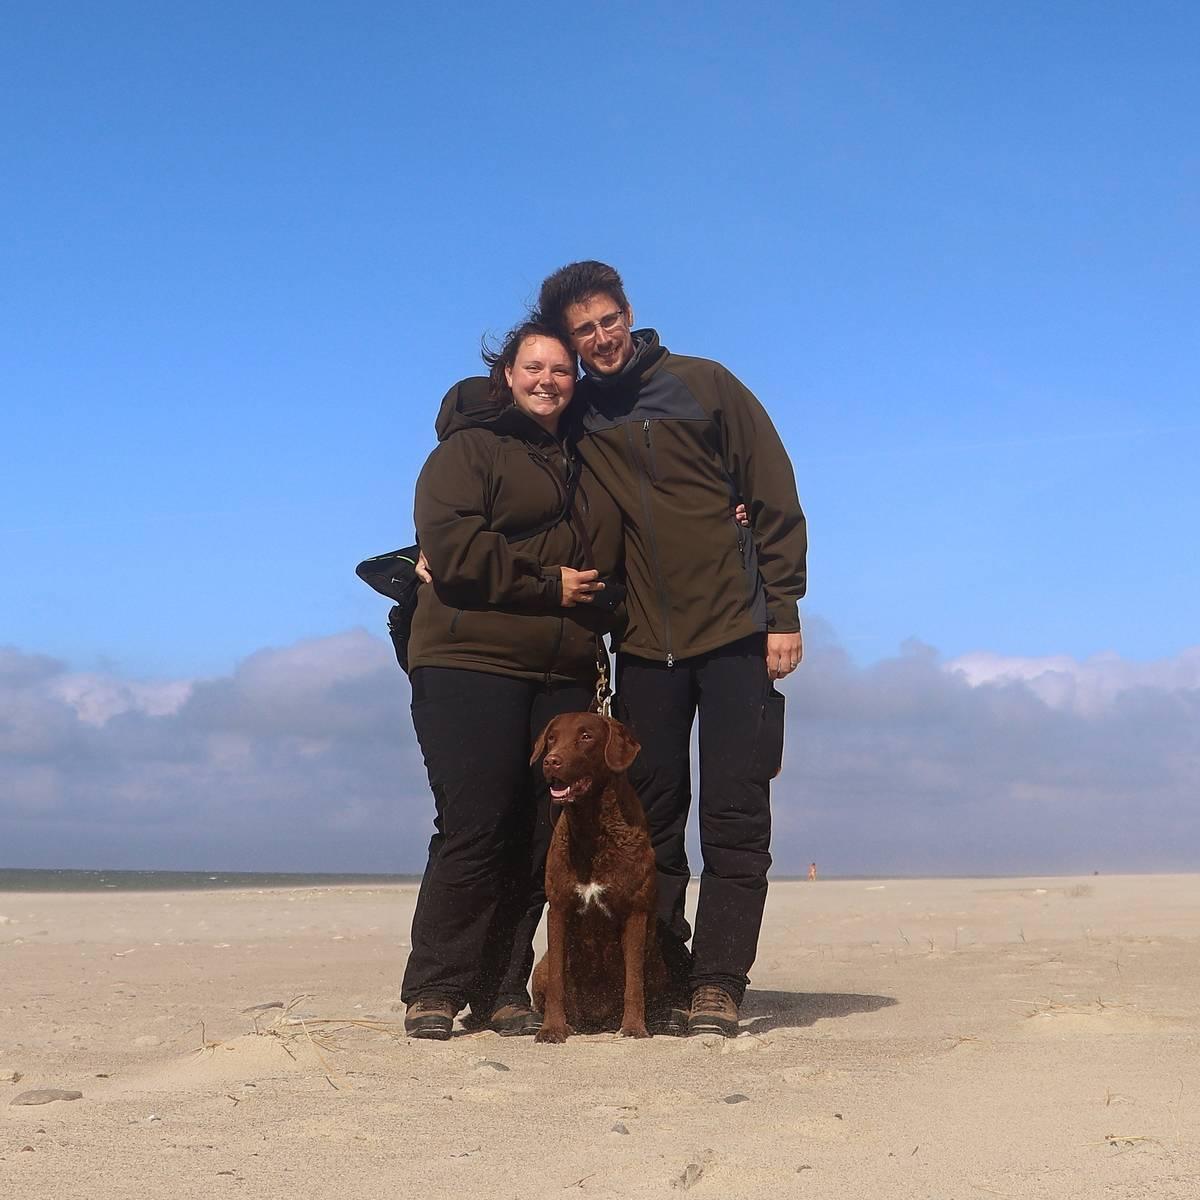 Familienfoto: Mein Mann, Tadewi und ich am Strand in Dänemark.